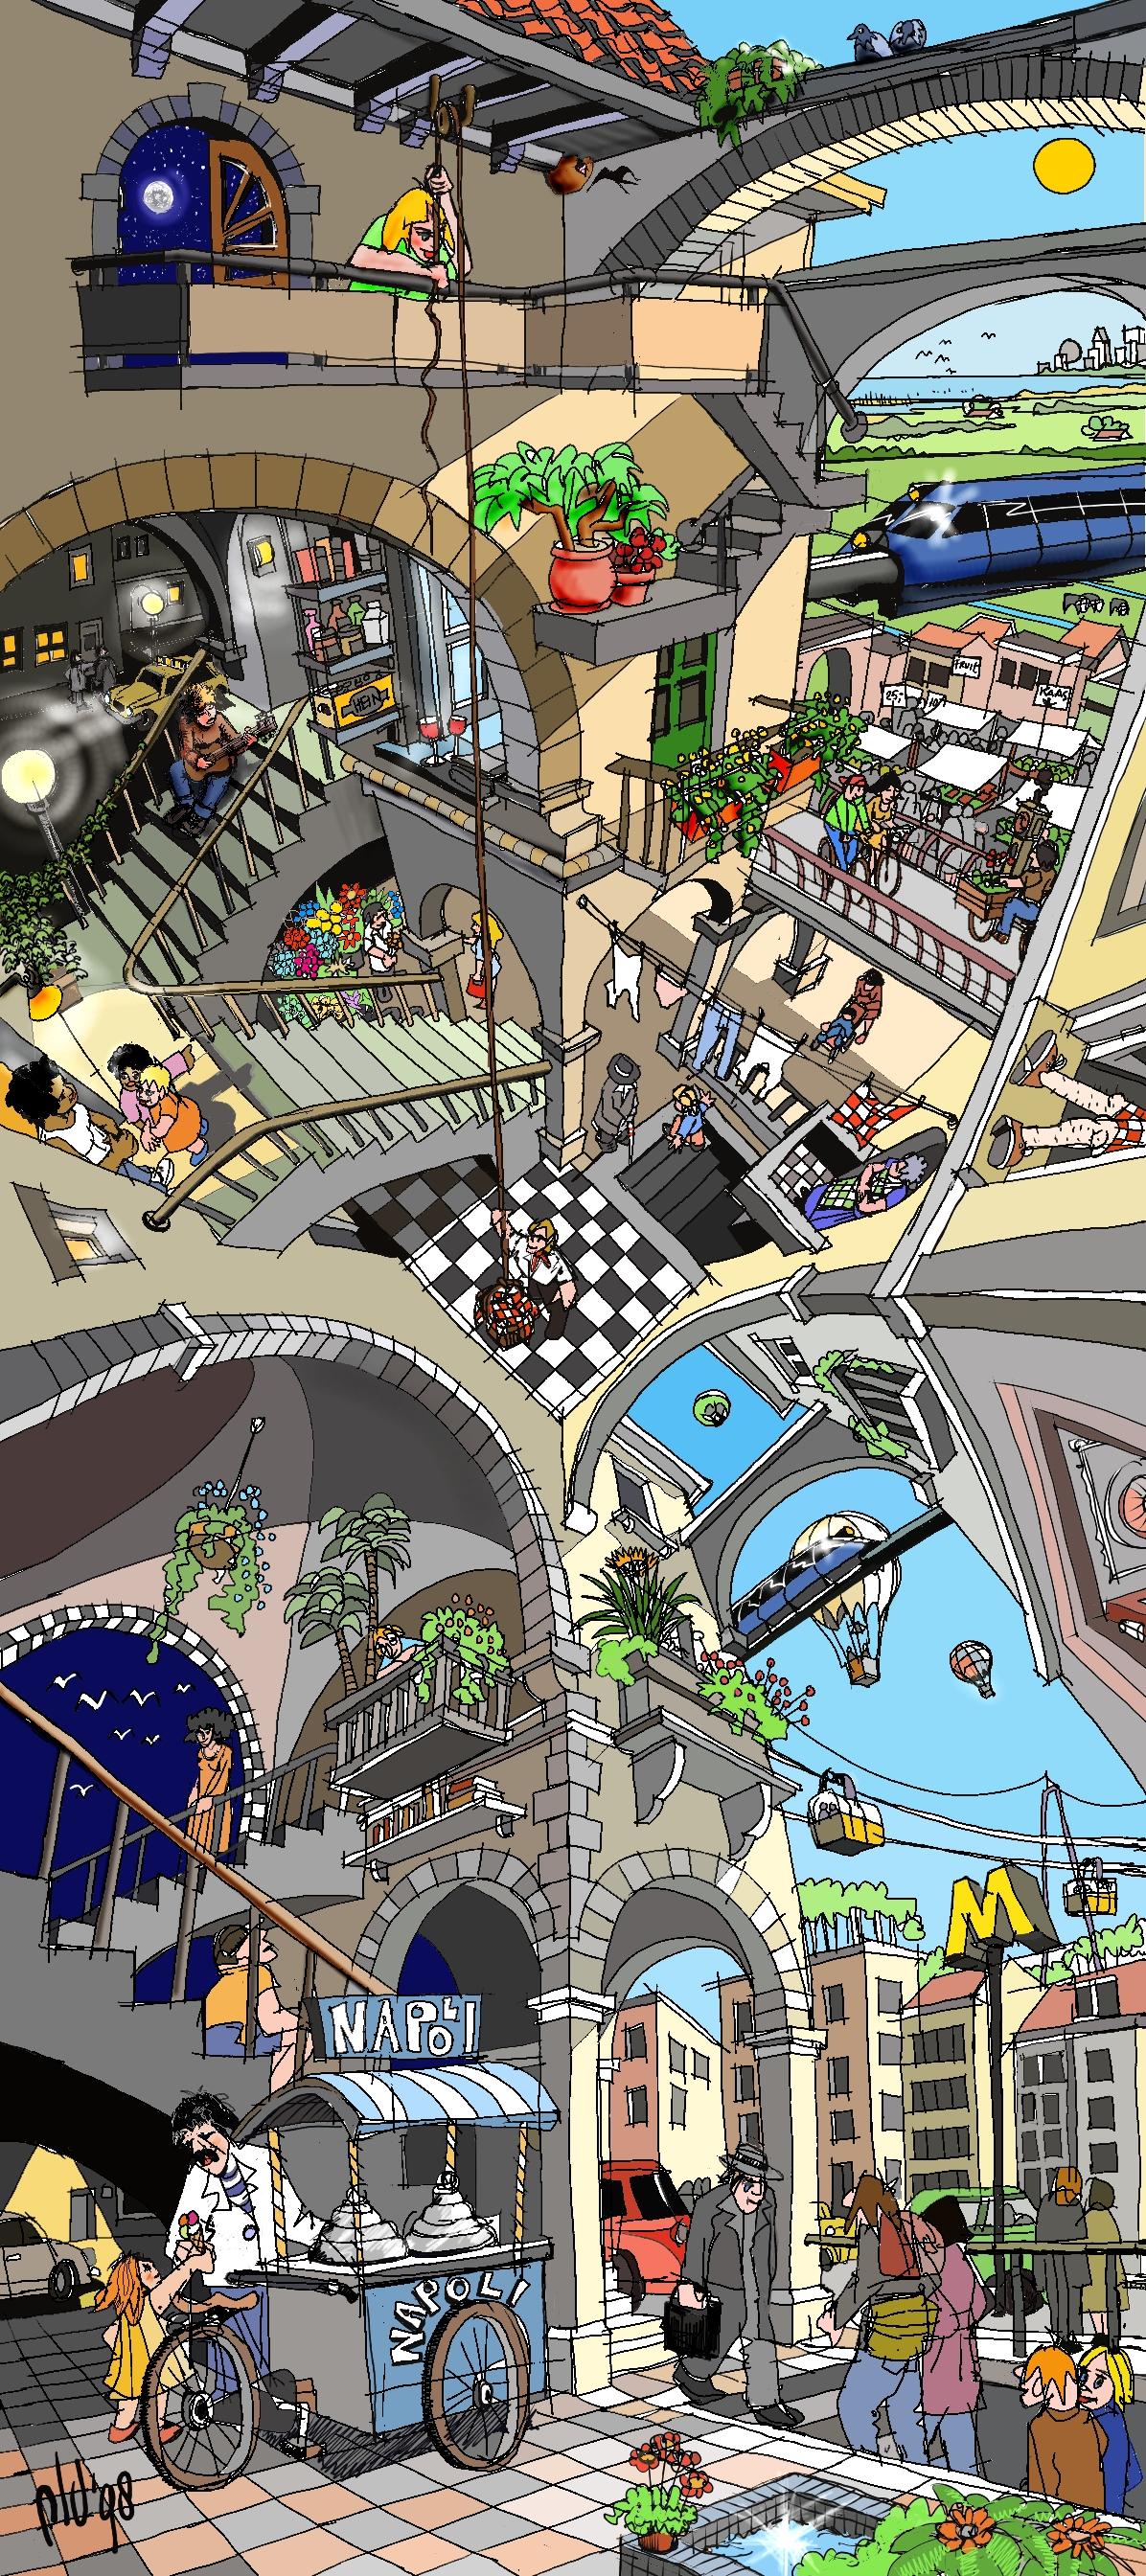 Dauvellier Planadvies   Meervoudig ruimtegebruik